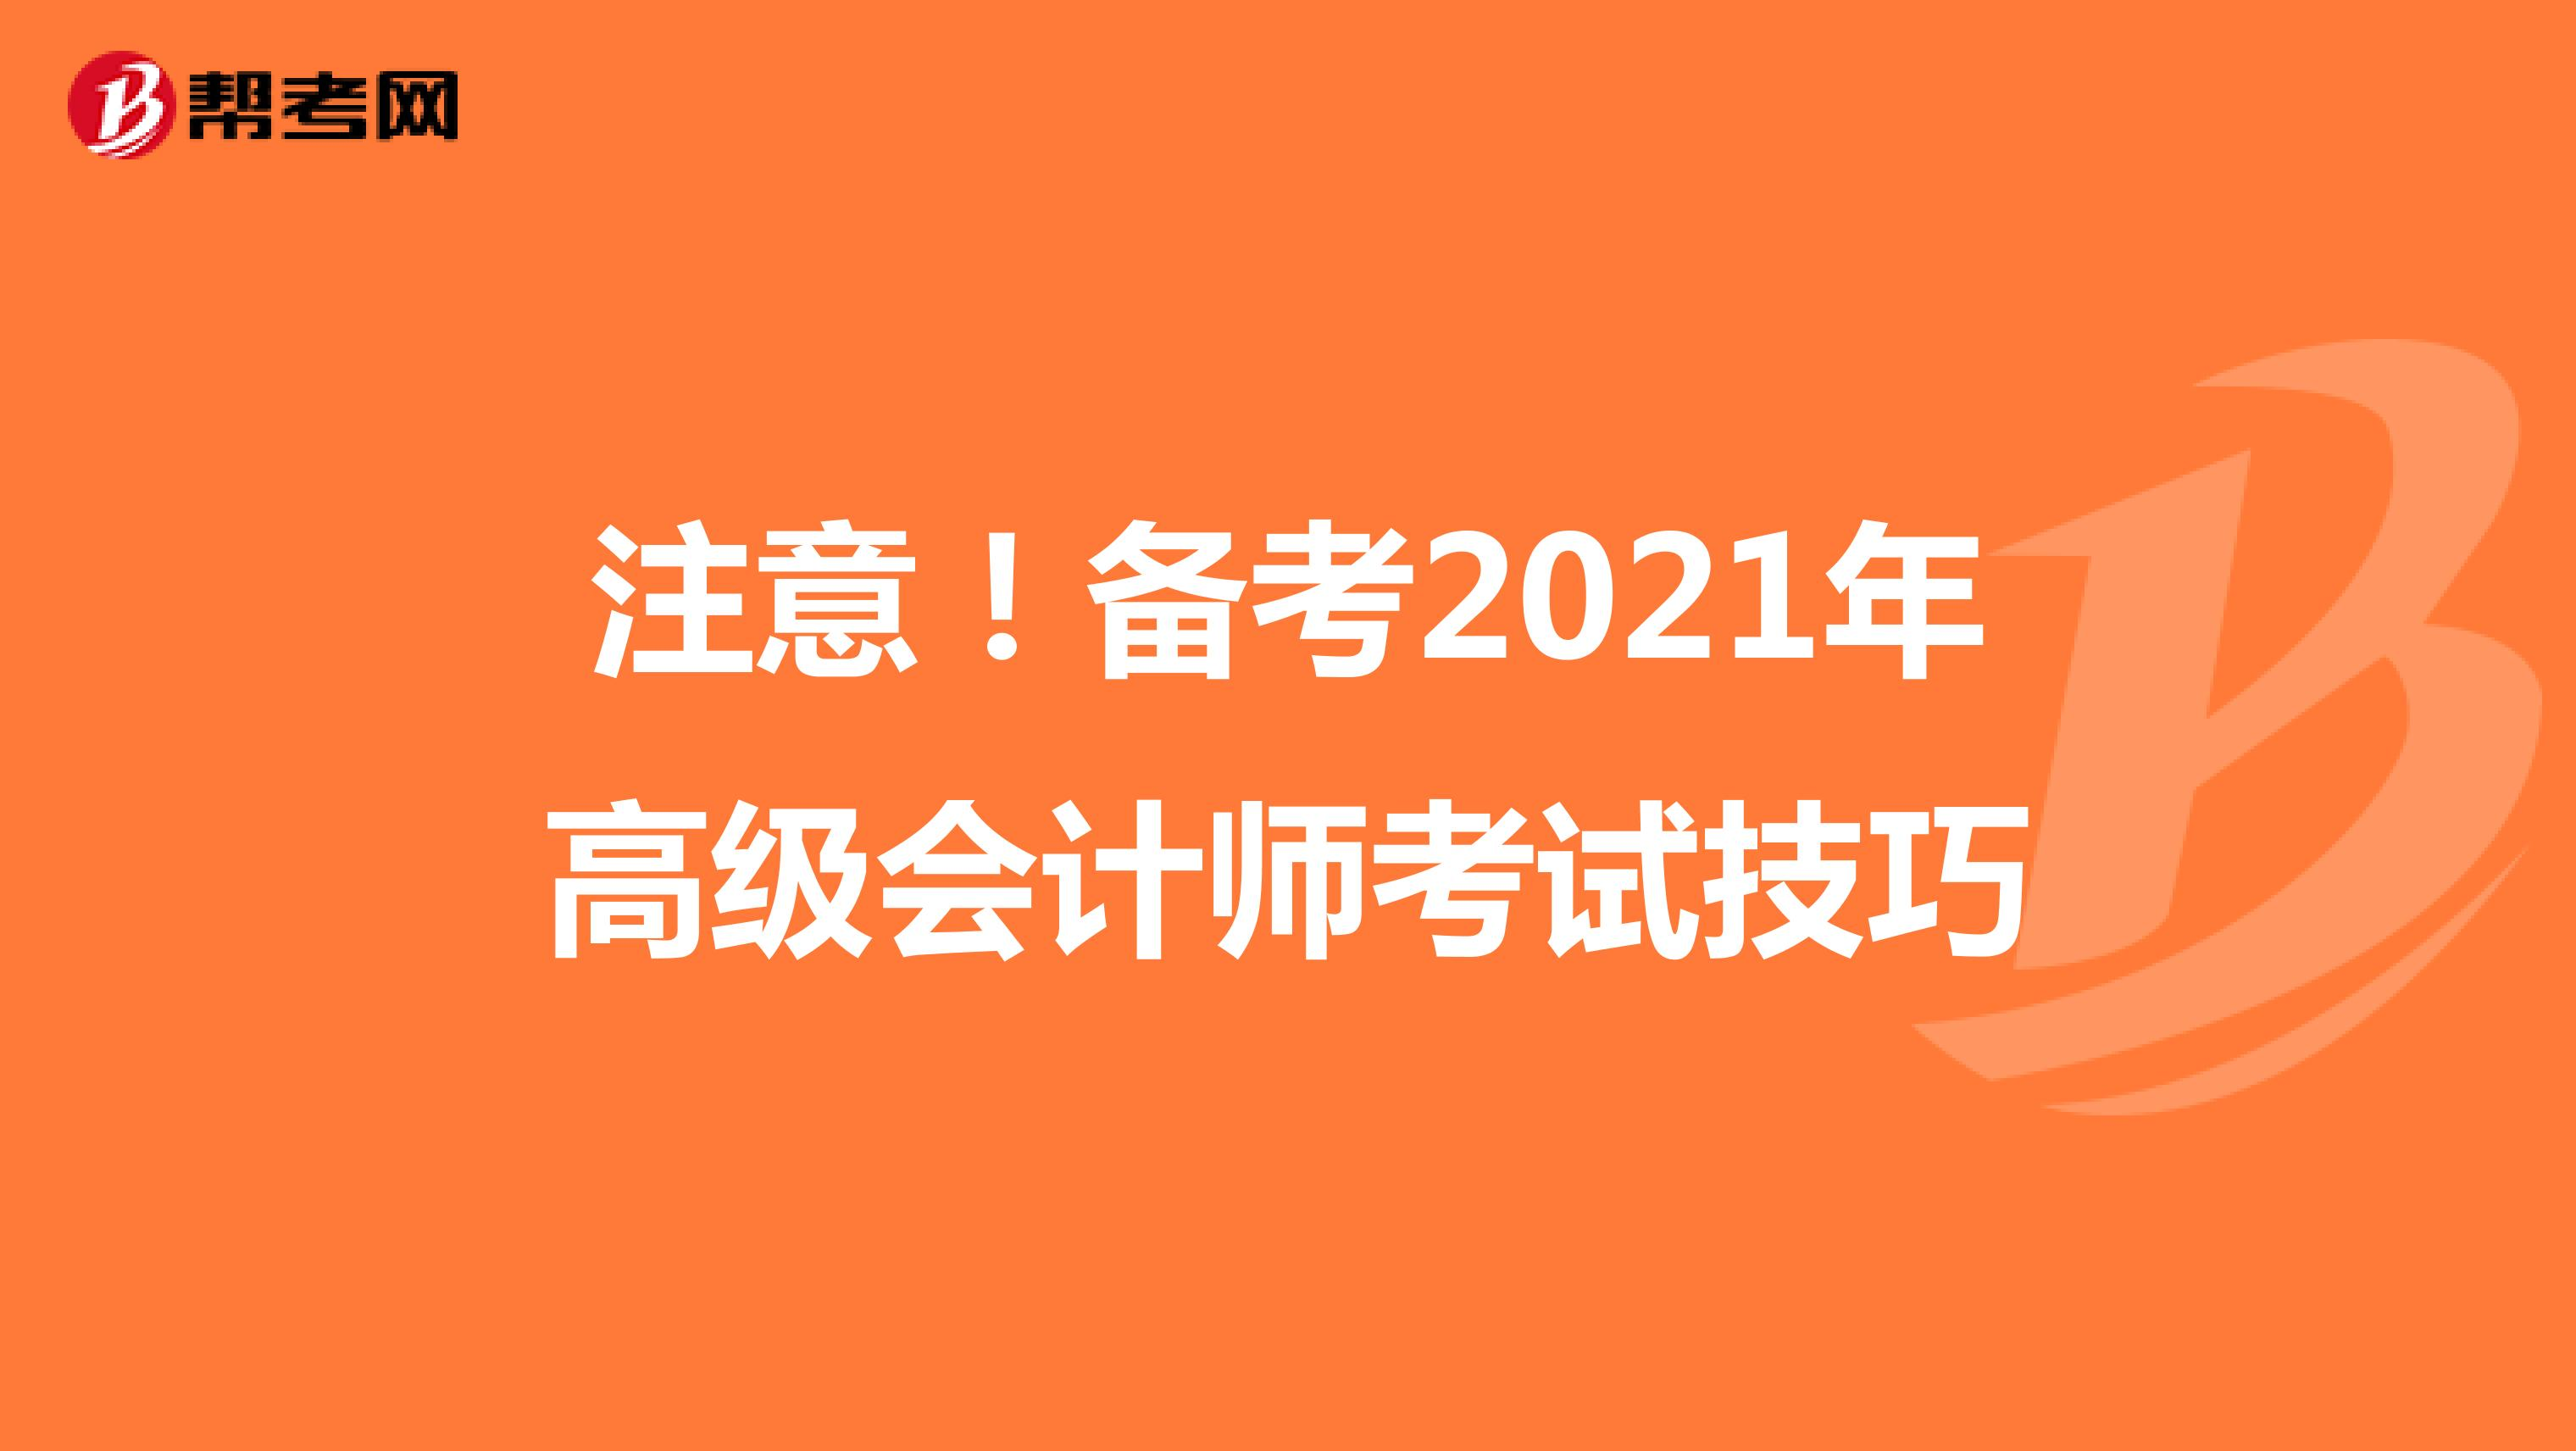 注意!备考2021年高级会计师考试技巧